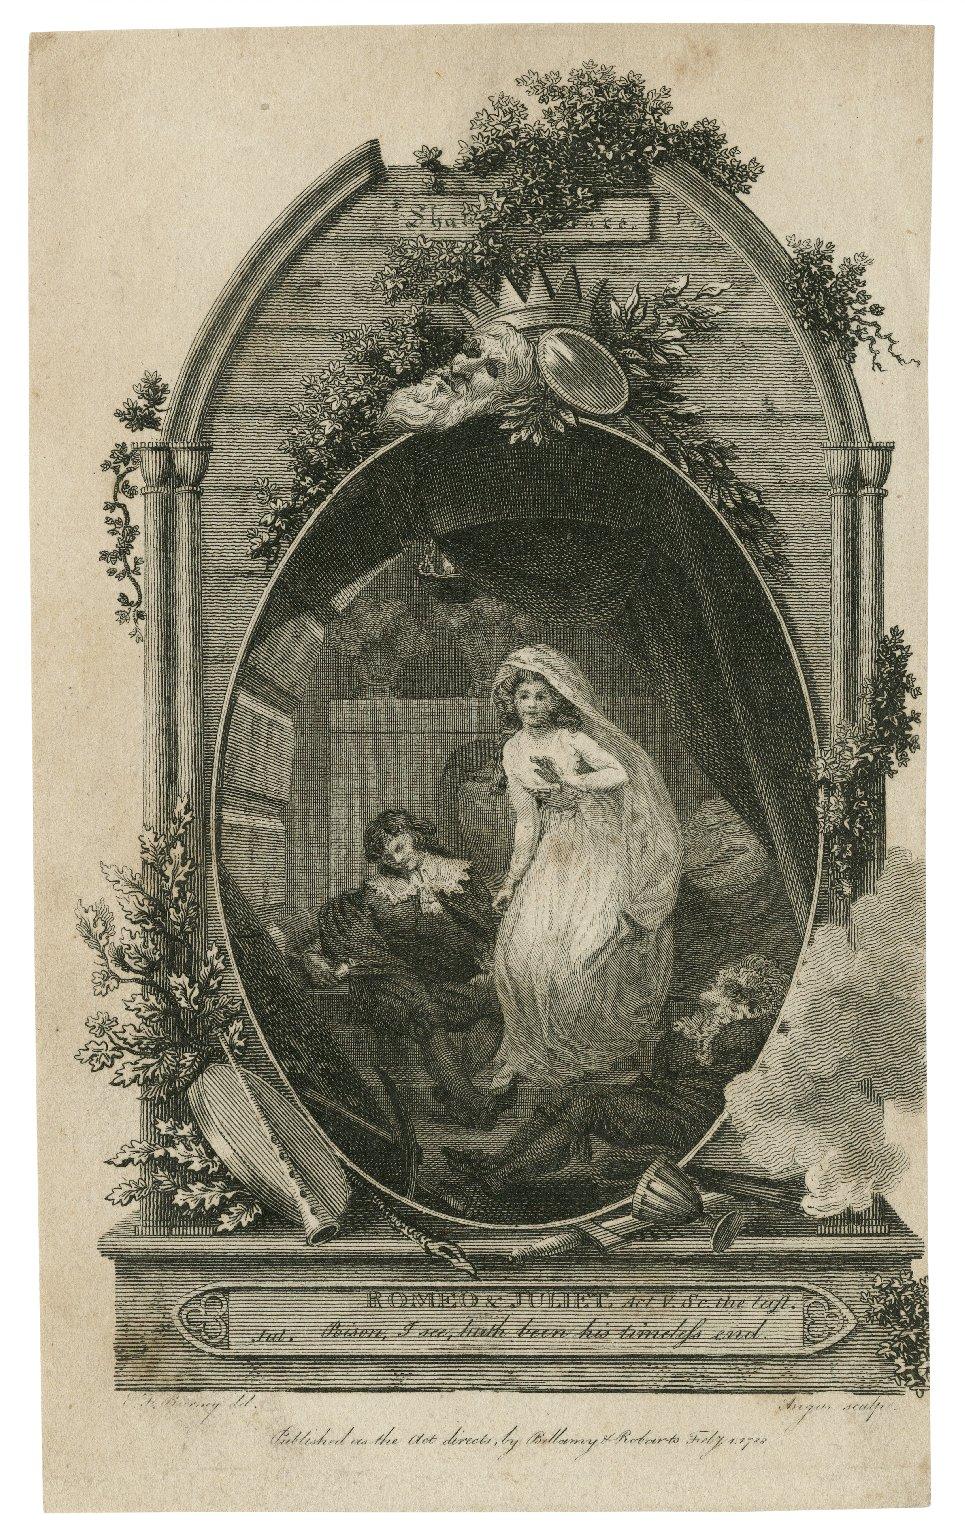 Romeo & Juliet, act V, scene the last, [i.e. Scene 3] Jul. poison, I see, ... [graphic] / E.F. Burney, del. ; Angus, sculp.